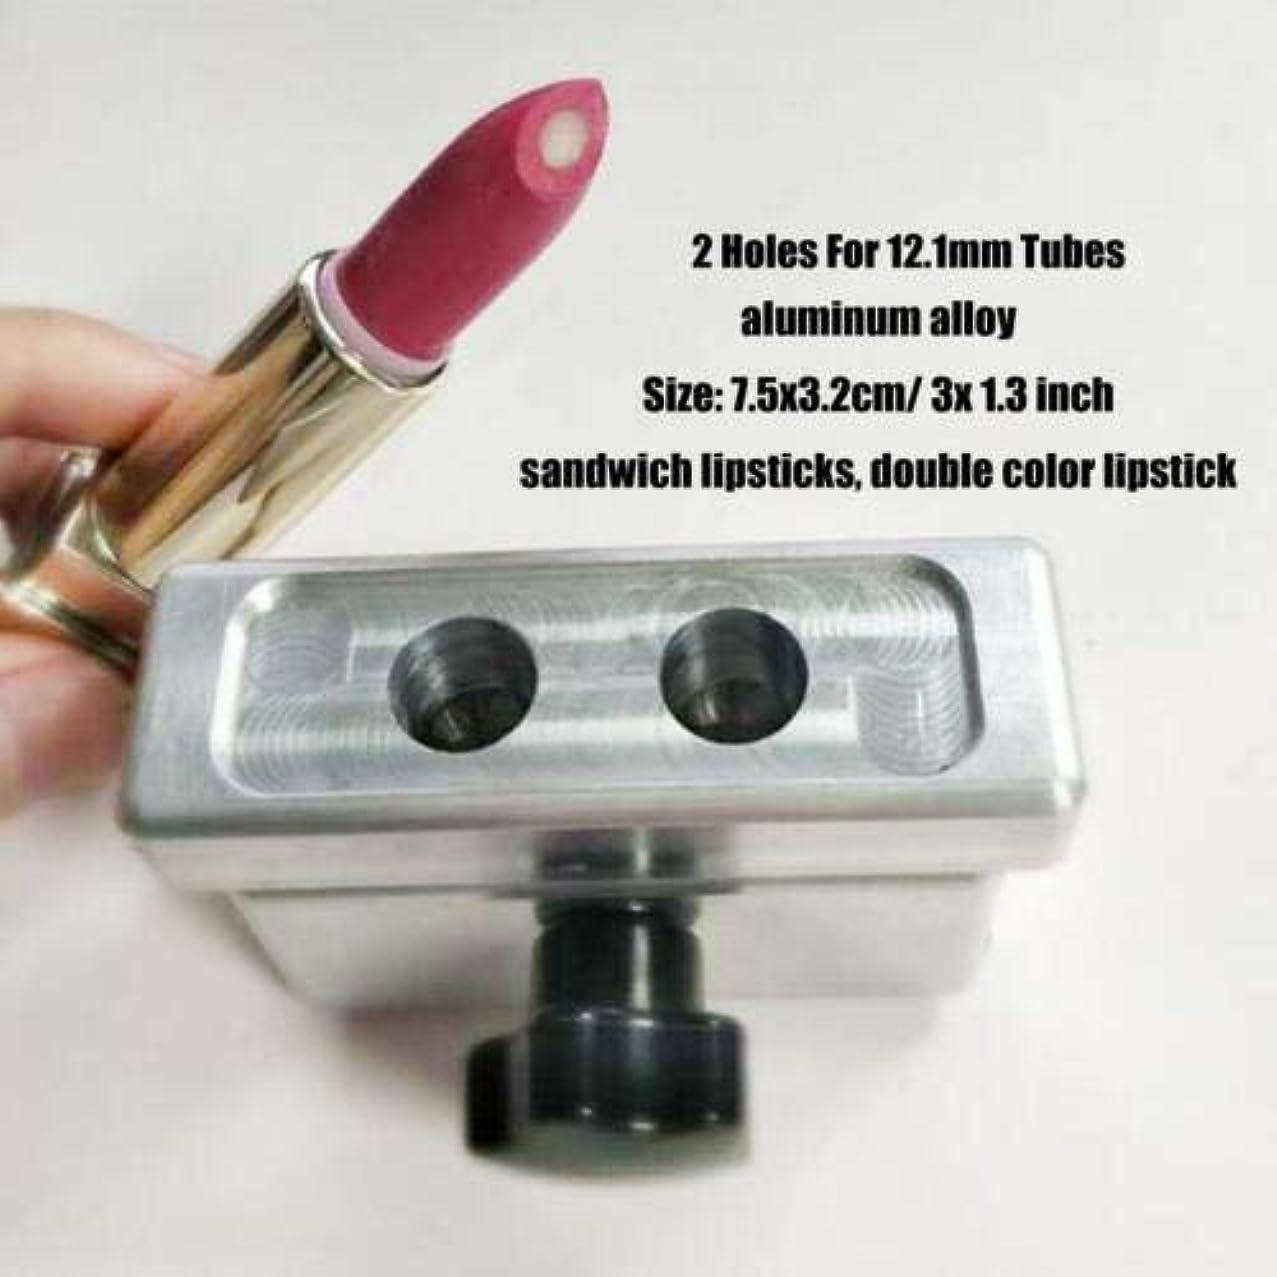 幻想ブロックサービスFidgetGear DIY口紅型リップスティック型メーカー2 4 6穴用9 mm 11.1 mm 12.1 mmチューブ #5(2穴12.1mm)